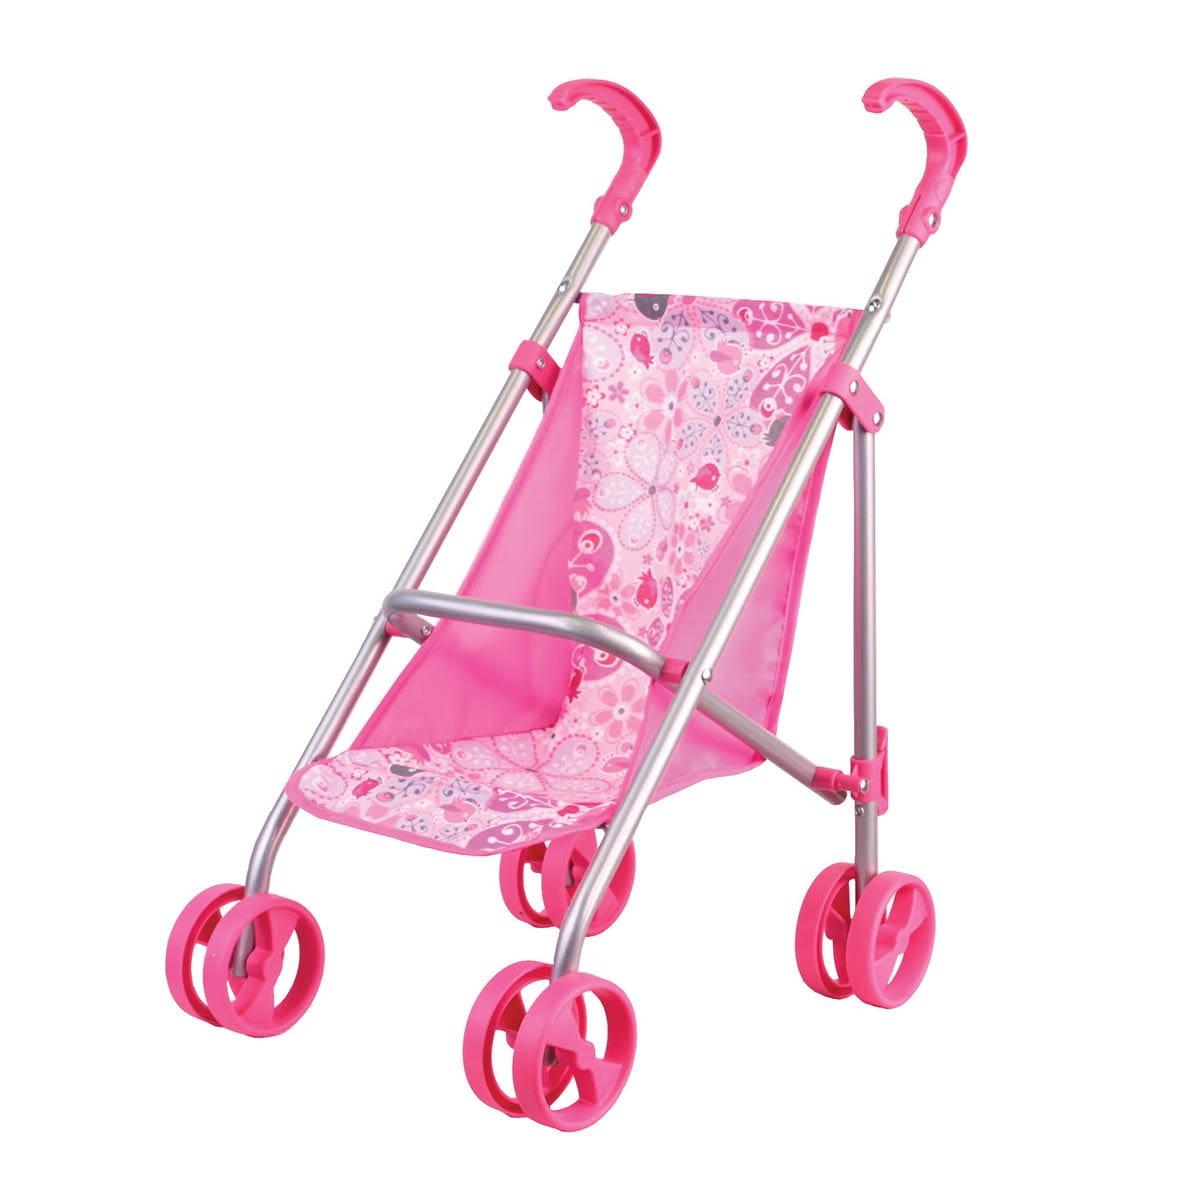 Прогулочная коляска для кукол Gulliver 22-11005 Классическая - розовая